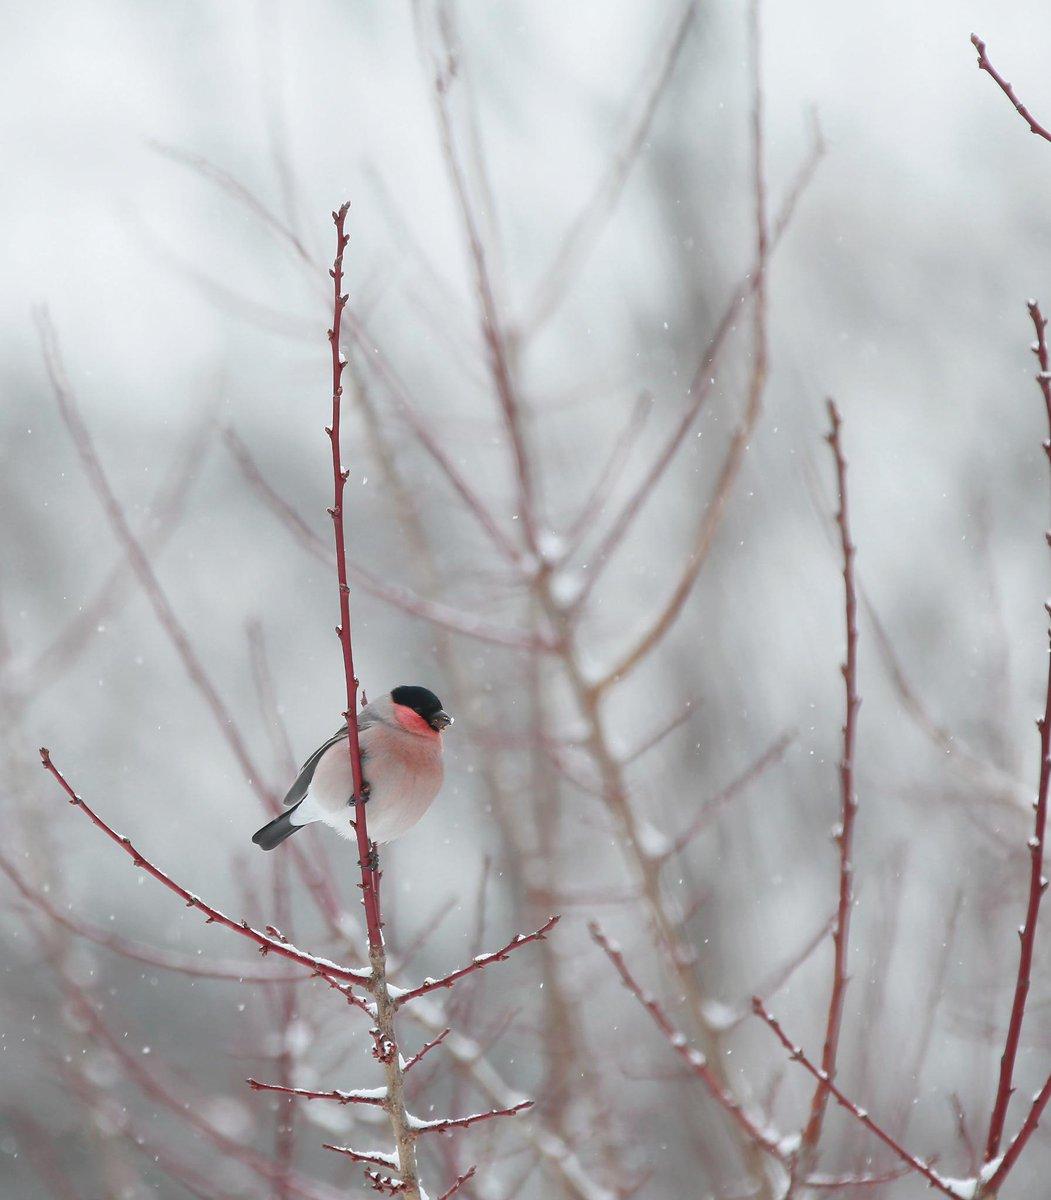 この間練習したウソちゃん 春を待つ梅林にて〜 http://t.co/nR41iPjxIB